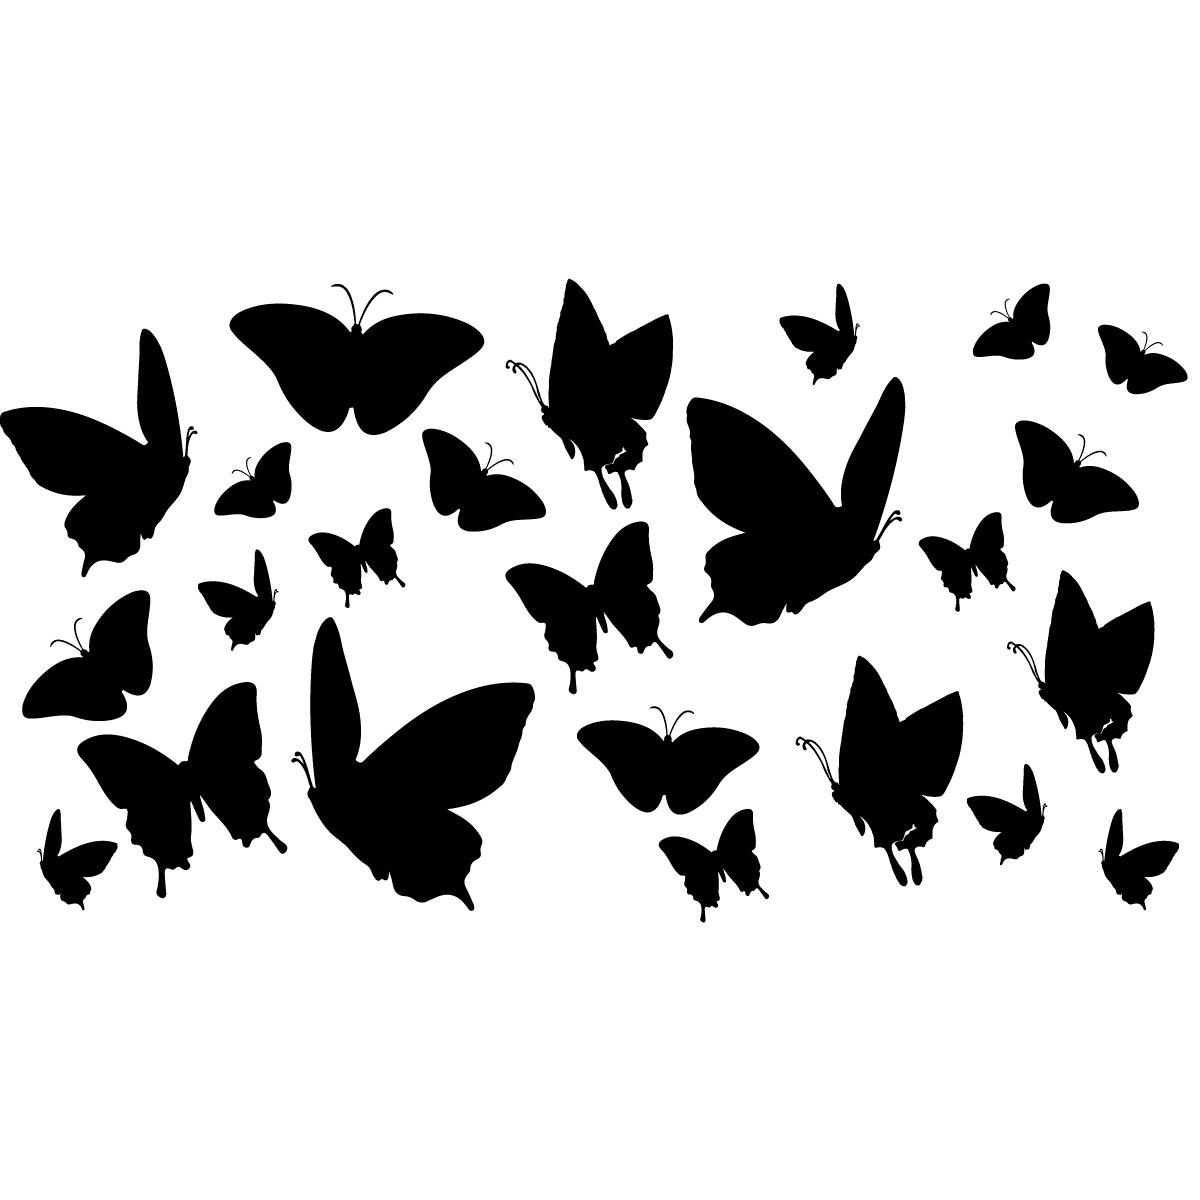 20 Autocollants de Fen/être de Papillons /Épais en Gel Autocollant de Fen/être de Printemps Amovible et R/éutilisable pour Enfants Tout-Petits Adultes D/écoration de Maison Avion Salle de Classe Garderie